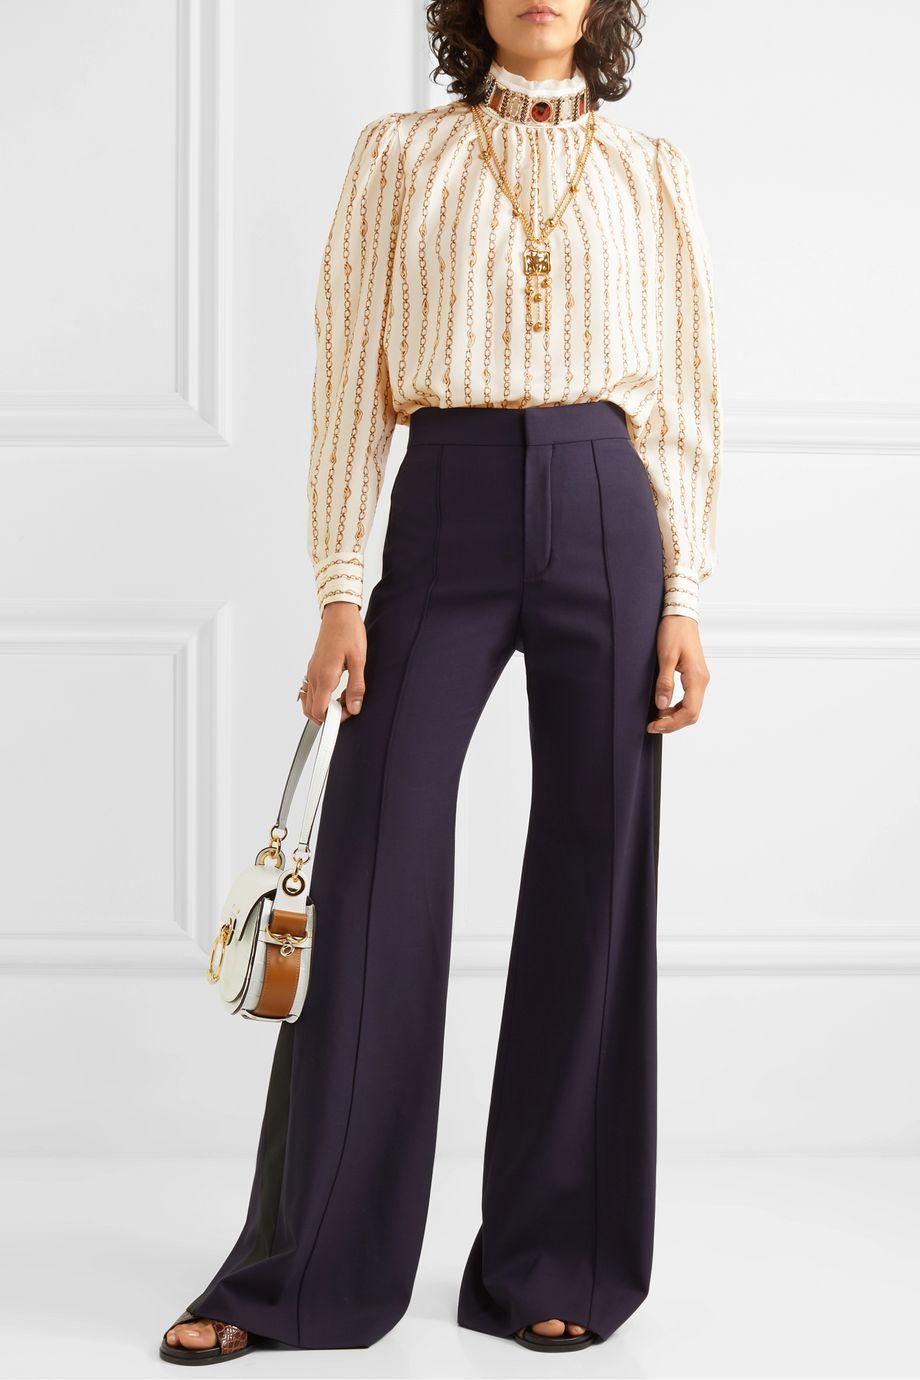 Chloé Bedruckte Bluse aus Seidensatin mit Verzierung